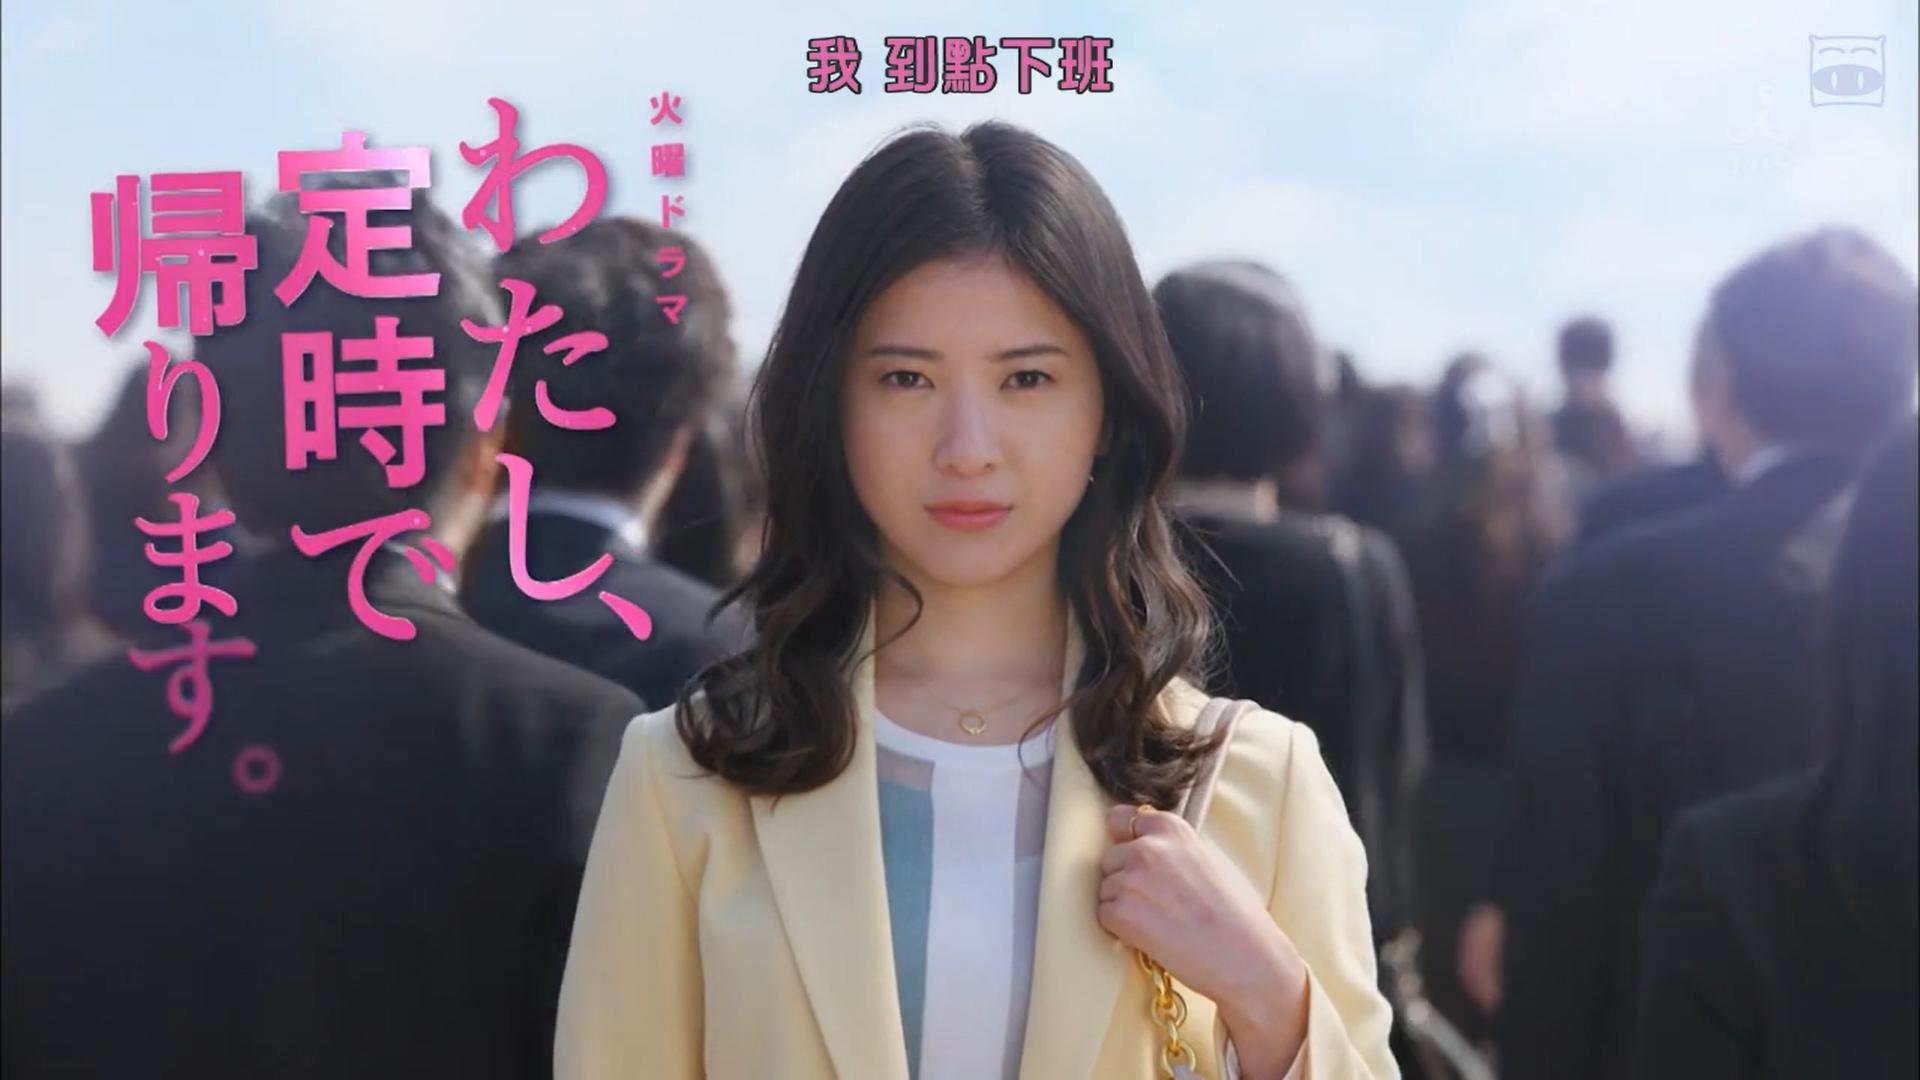 日剧《我,到点下班》想扭转日本职场文化:按时下班不是消极怠工代名词